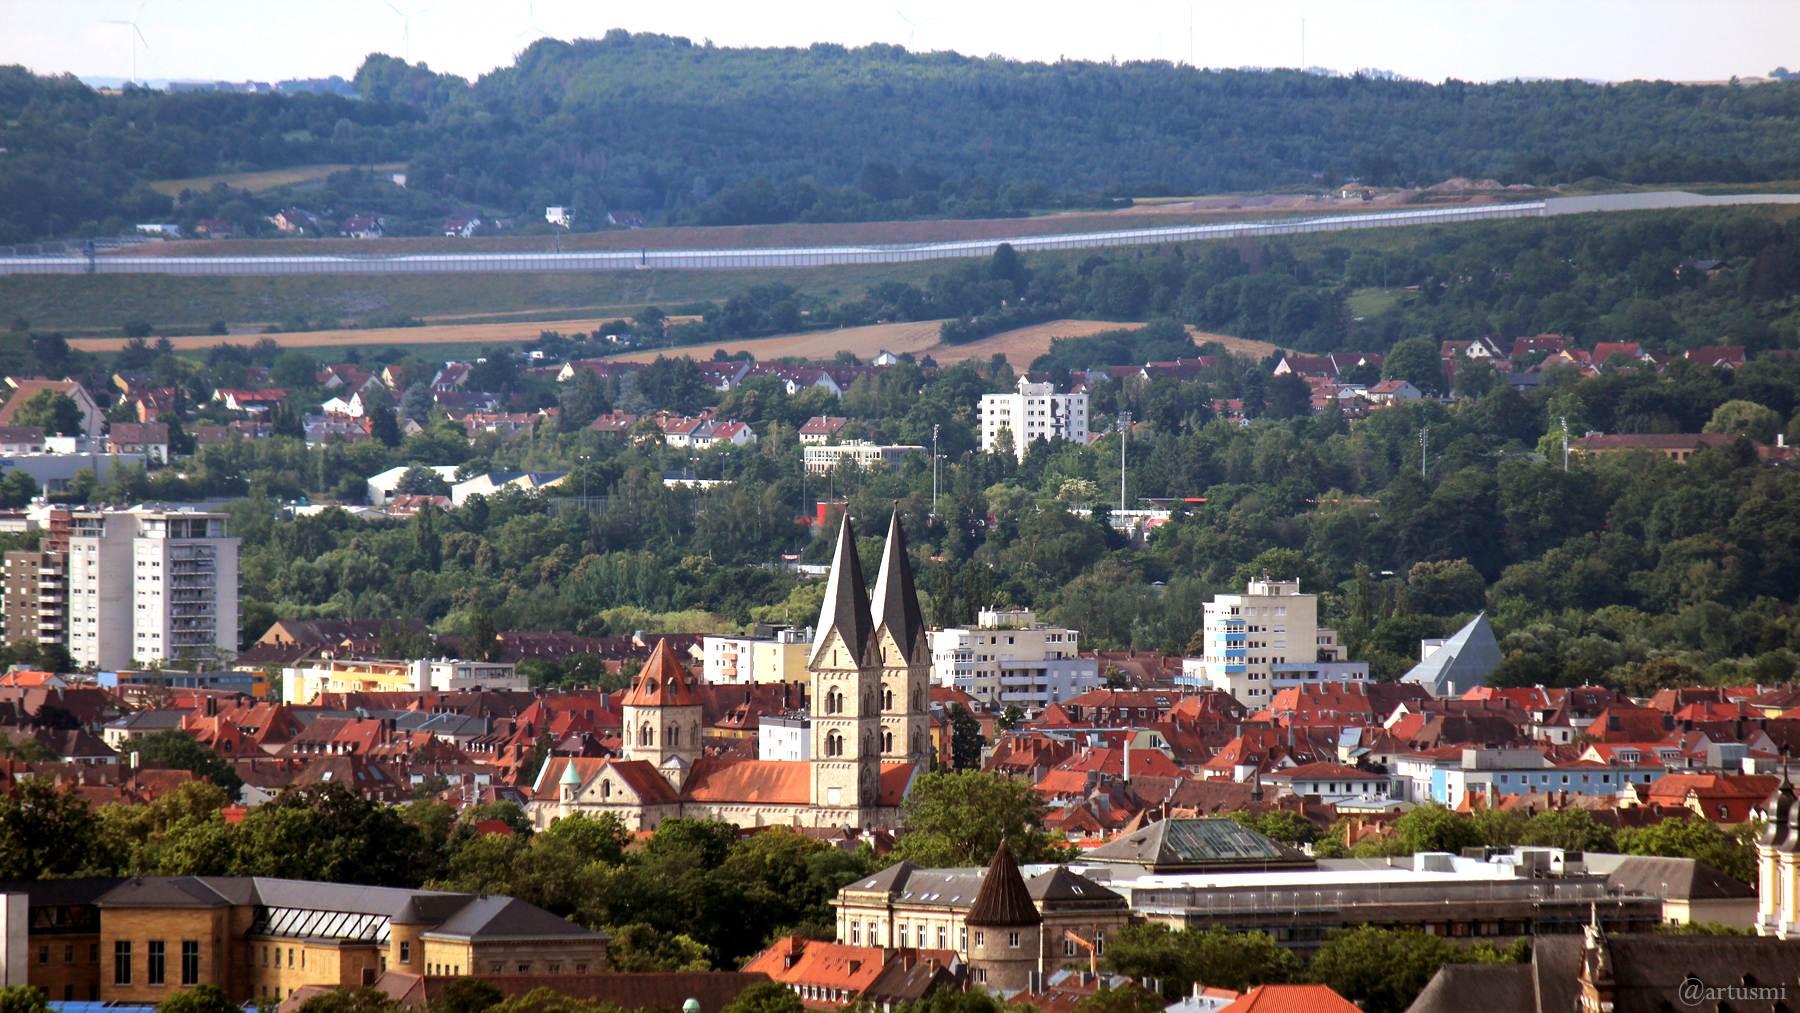 Blick vom Würzburger Schalksberg auf den Stadtteil Sanderau mit St. Adalbero und St. Andreas mit Pyramidendach